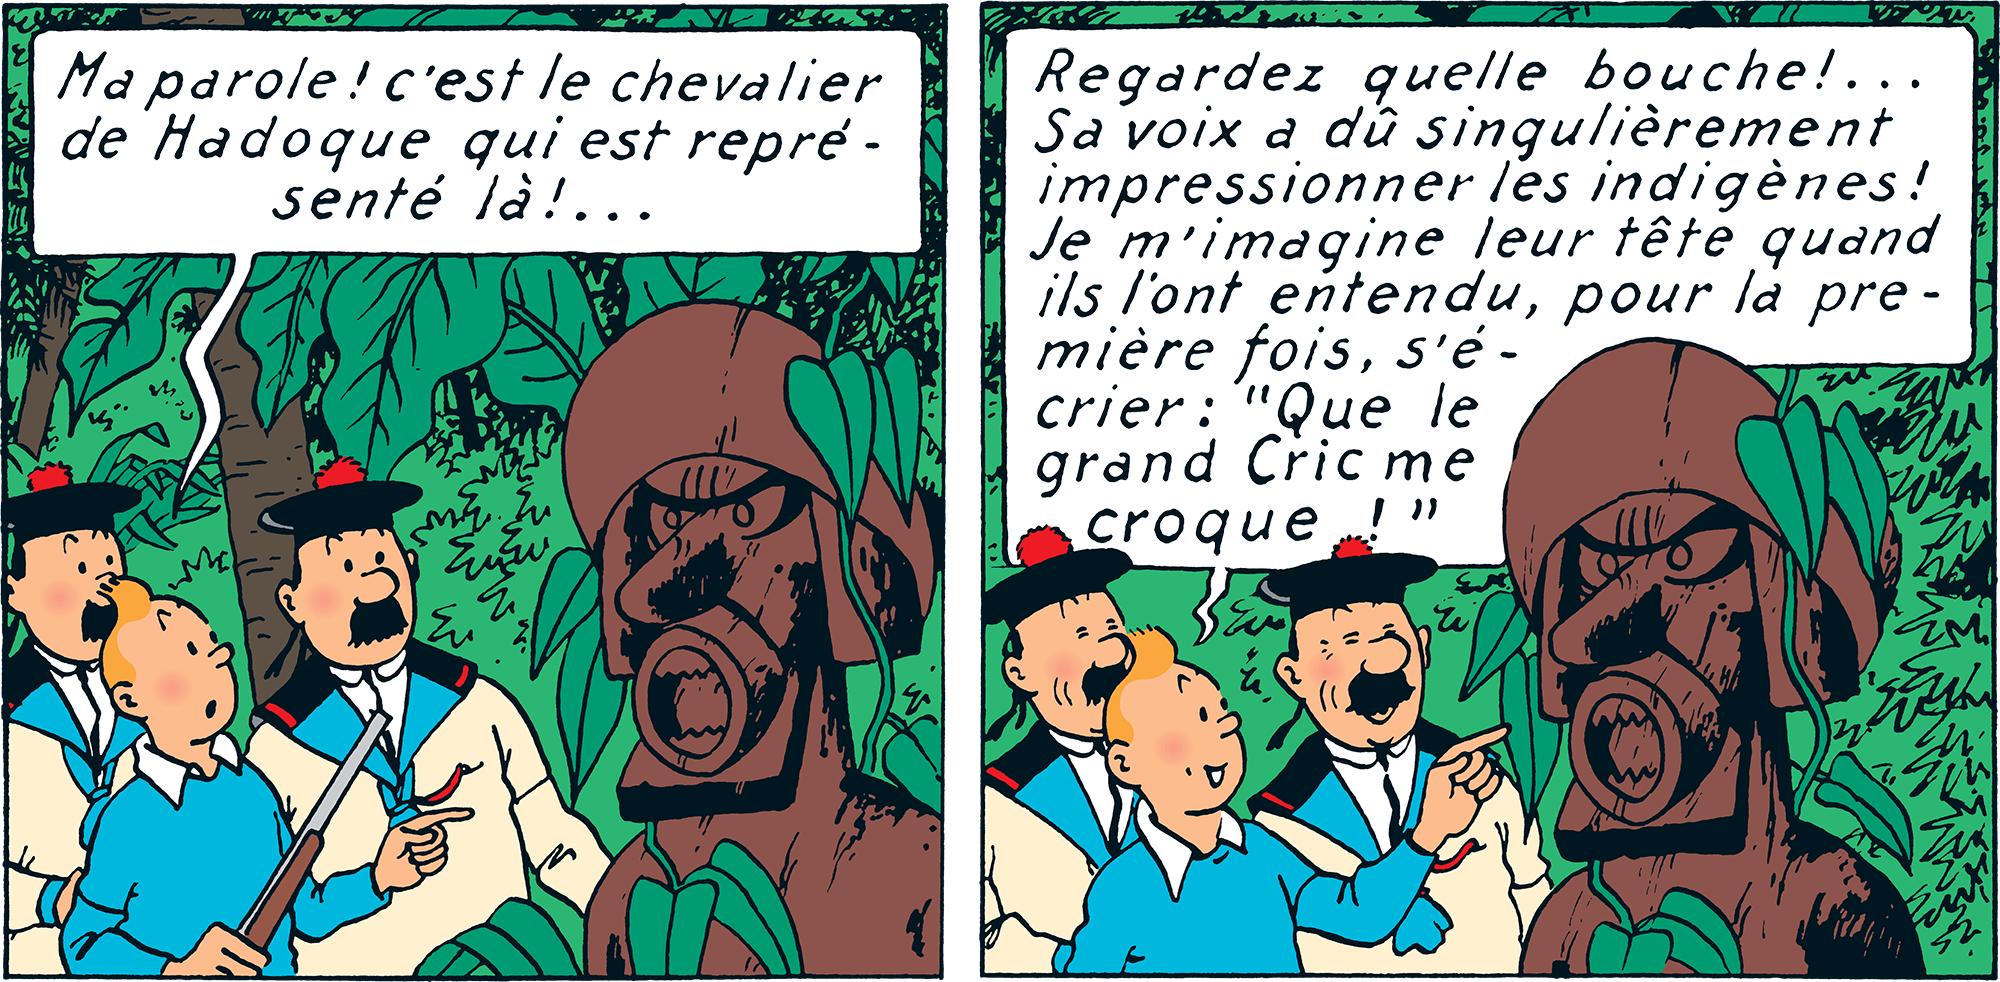 Que le grand cric me croque, Tintin et les Dupondt déguisés en marins